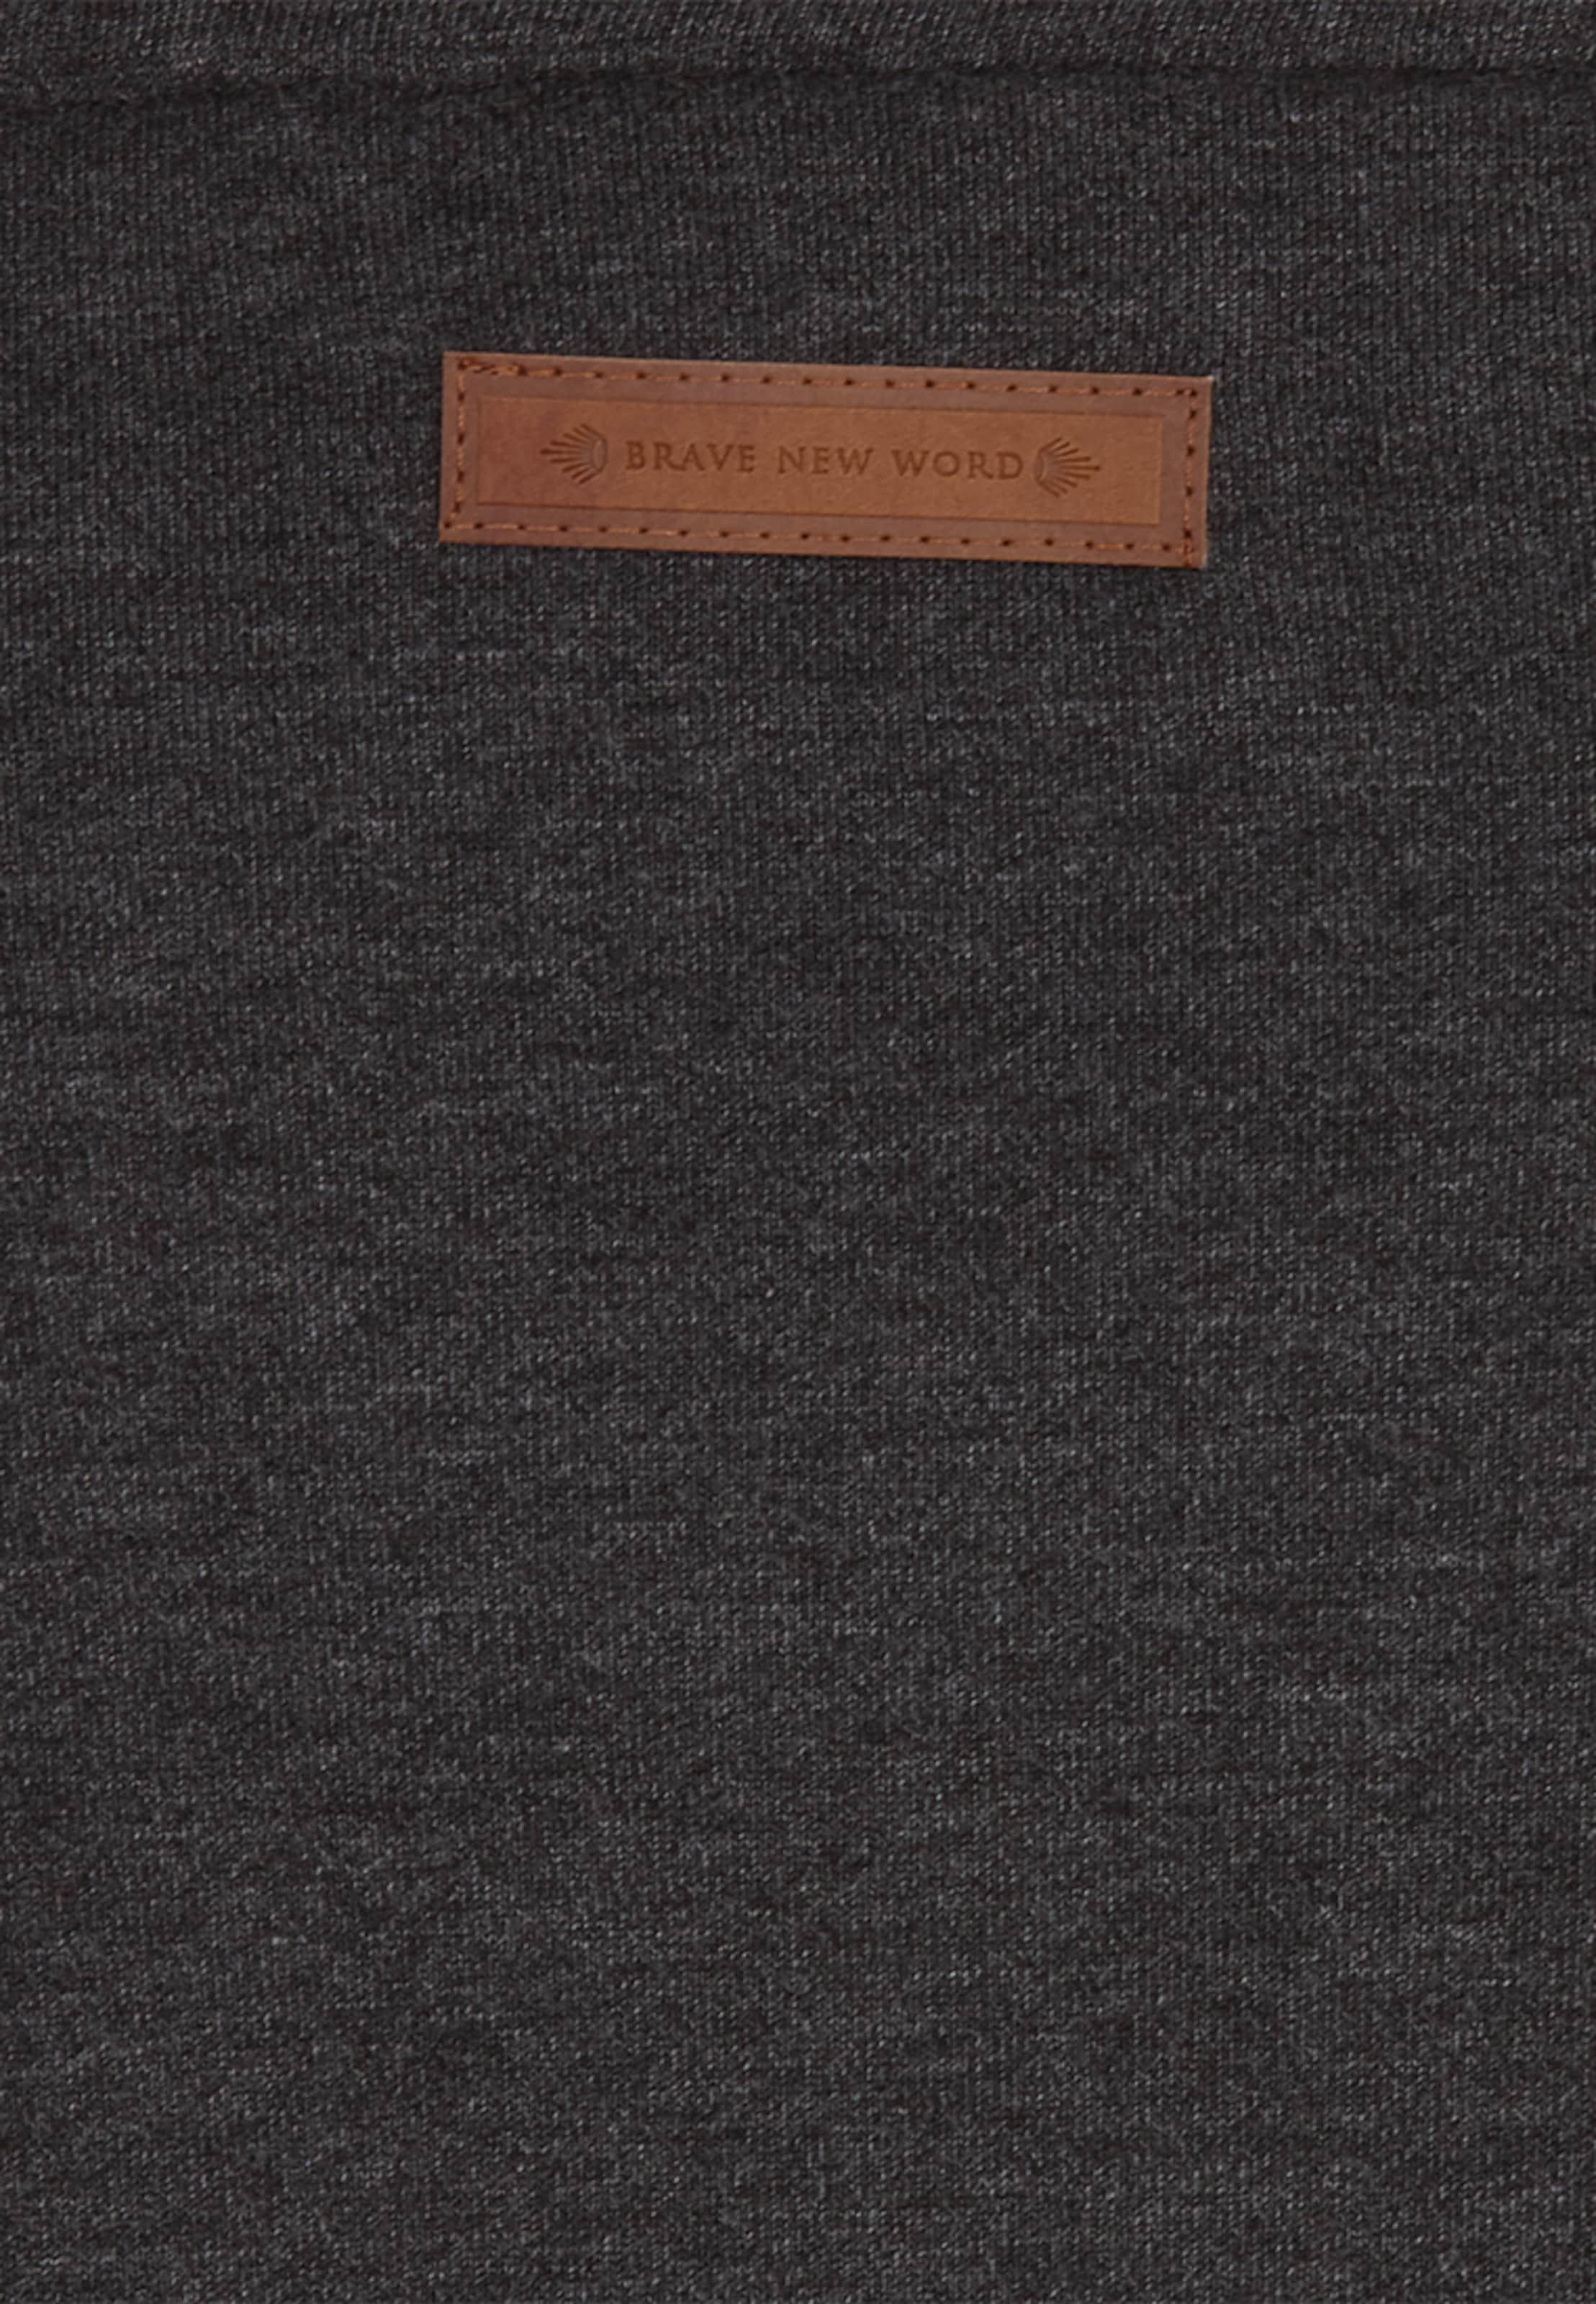 Zum Verkauf Zum Verkauf Verkauf Manchester Großer Verkauf naketano Female Hoody Verkauf Limitierter Auflage Schlussverkauf Spielraum Finden Große 0xcsdu